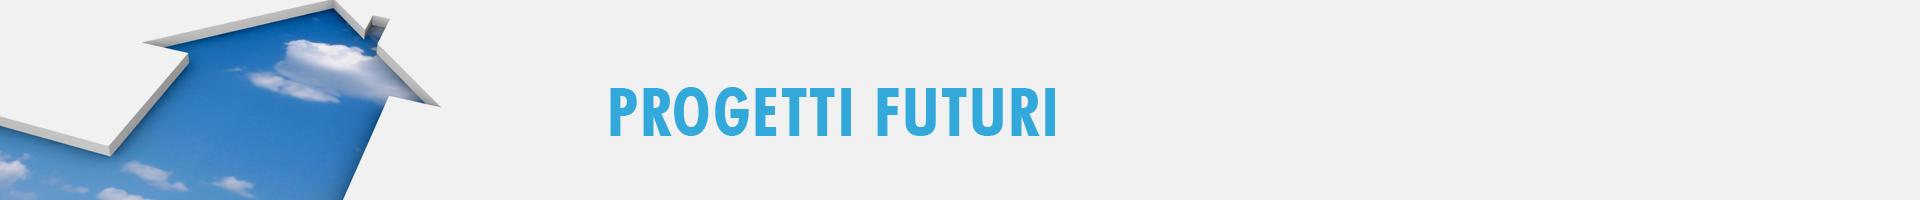 fondo-titolo-progetti-futuri